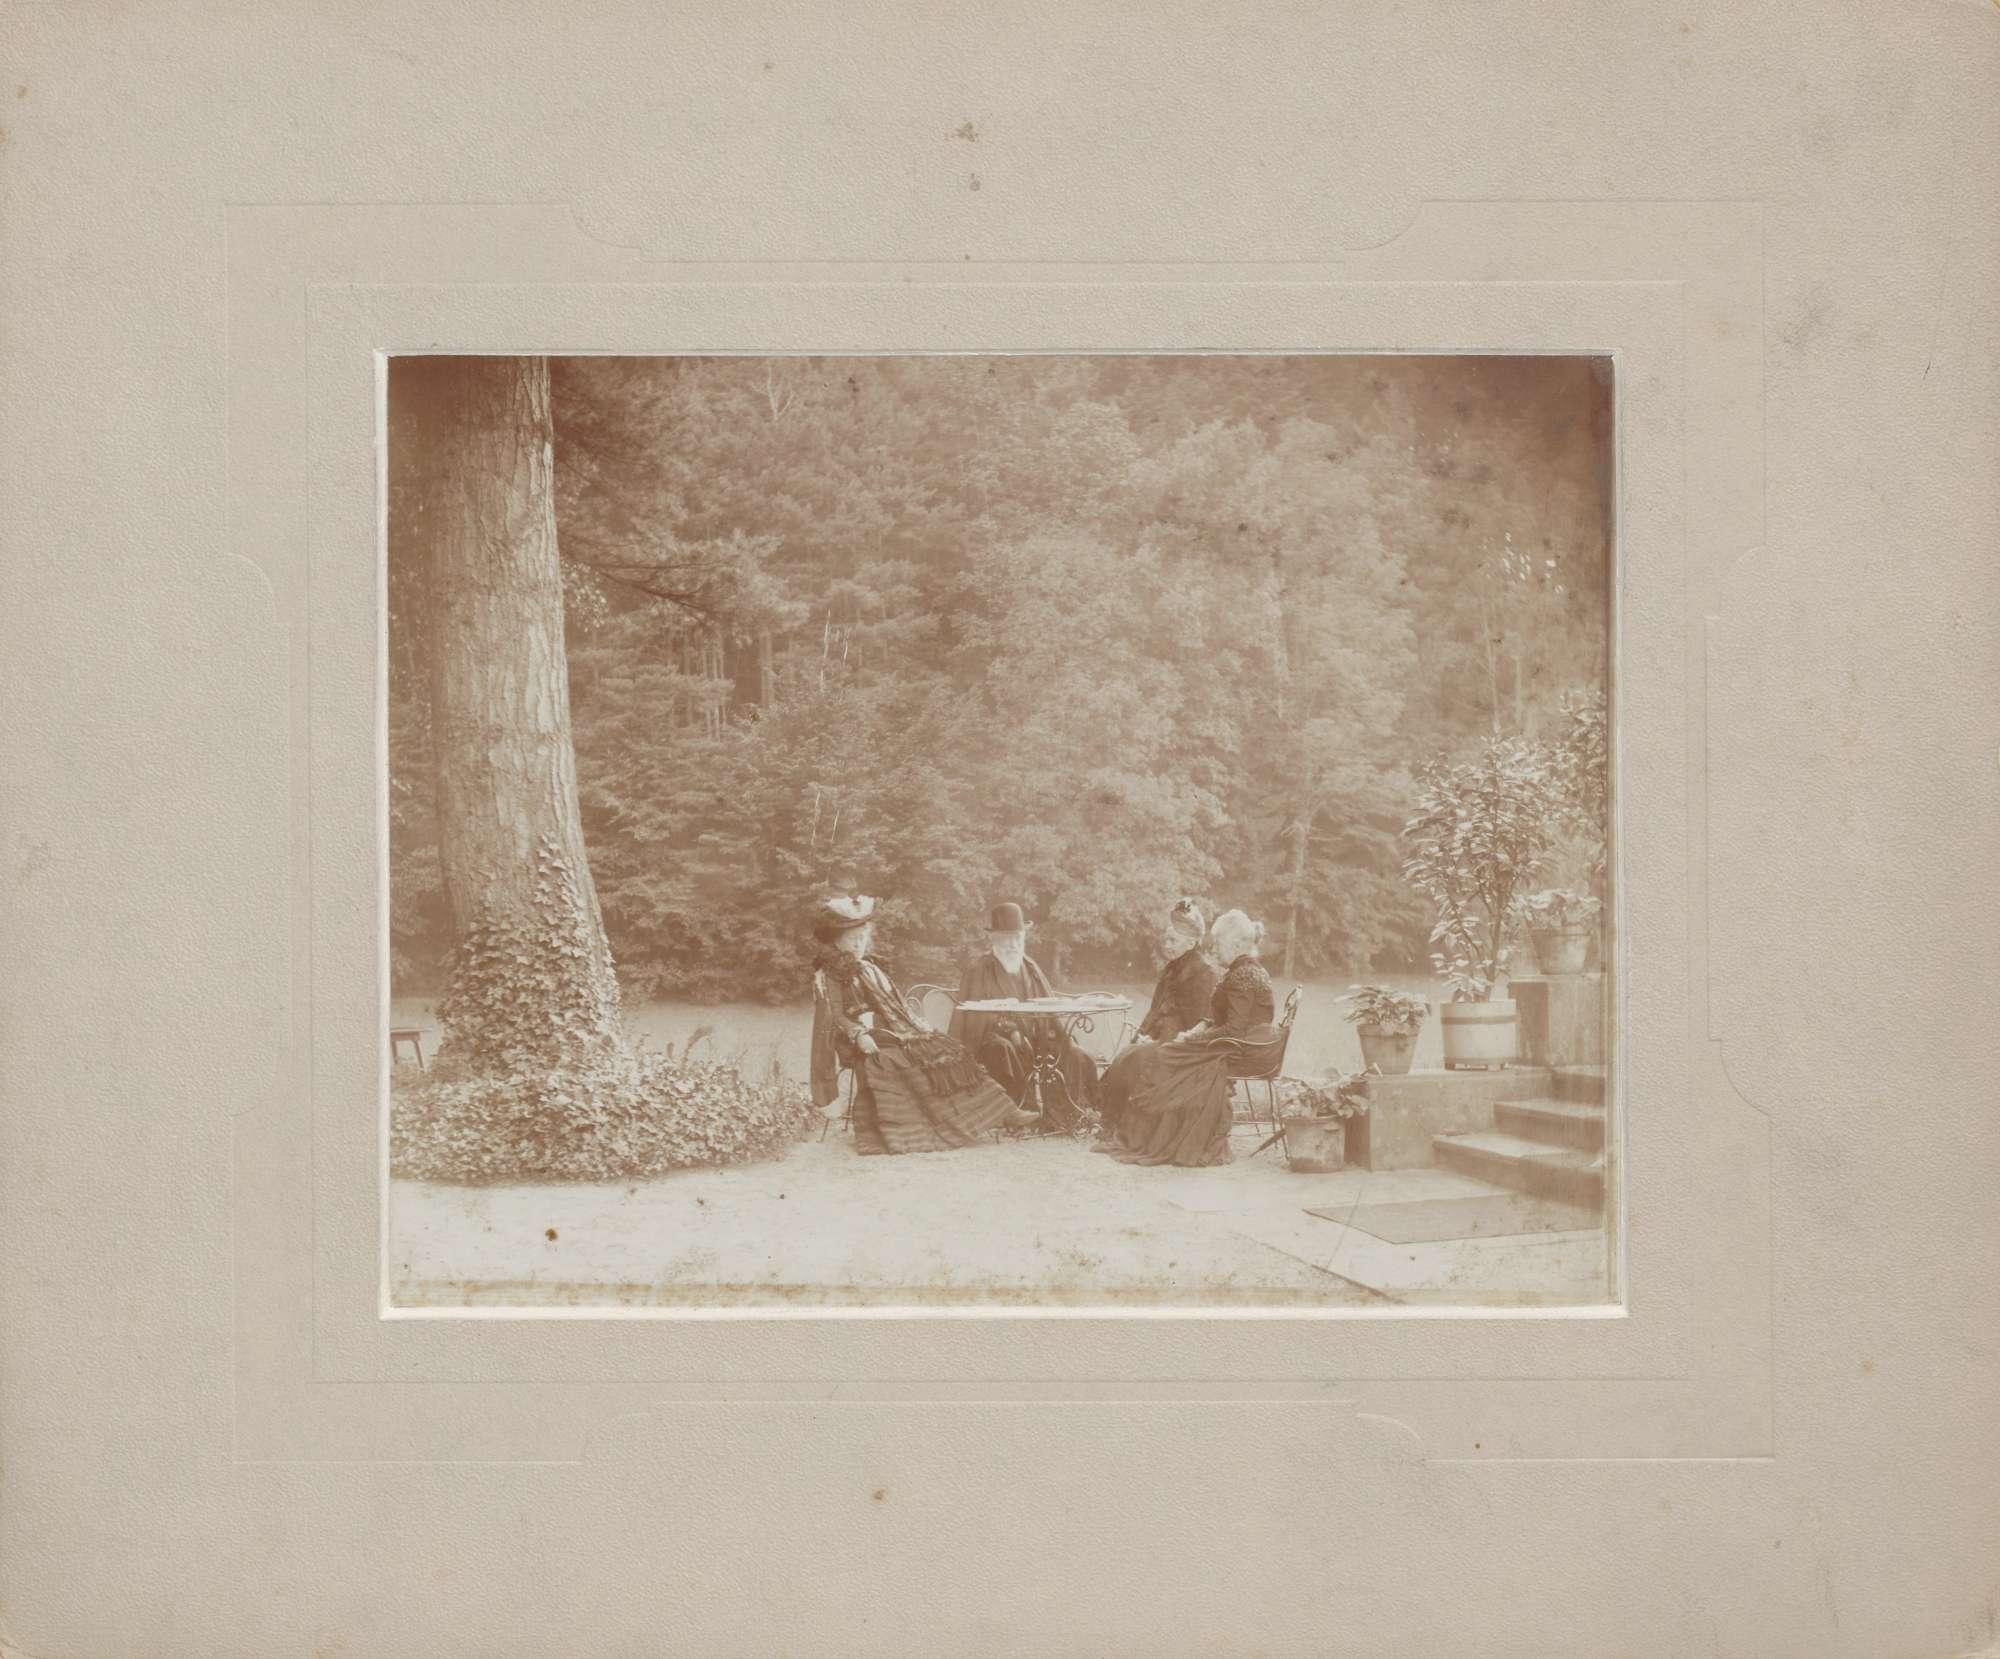 Baden-Baden, Schloßgarten (?), Großherzog Friedrich I., Großherzogin Luise und zwei Hofdamen, in Tischrunde unter Bäumen., Bild 1